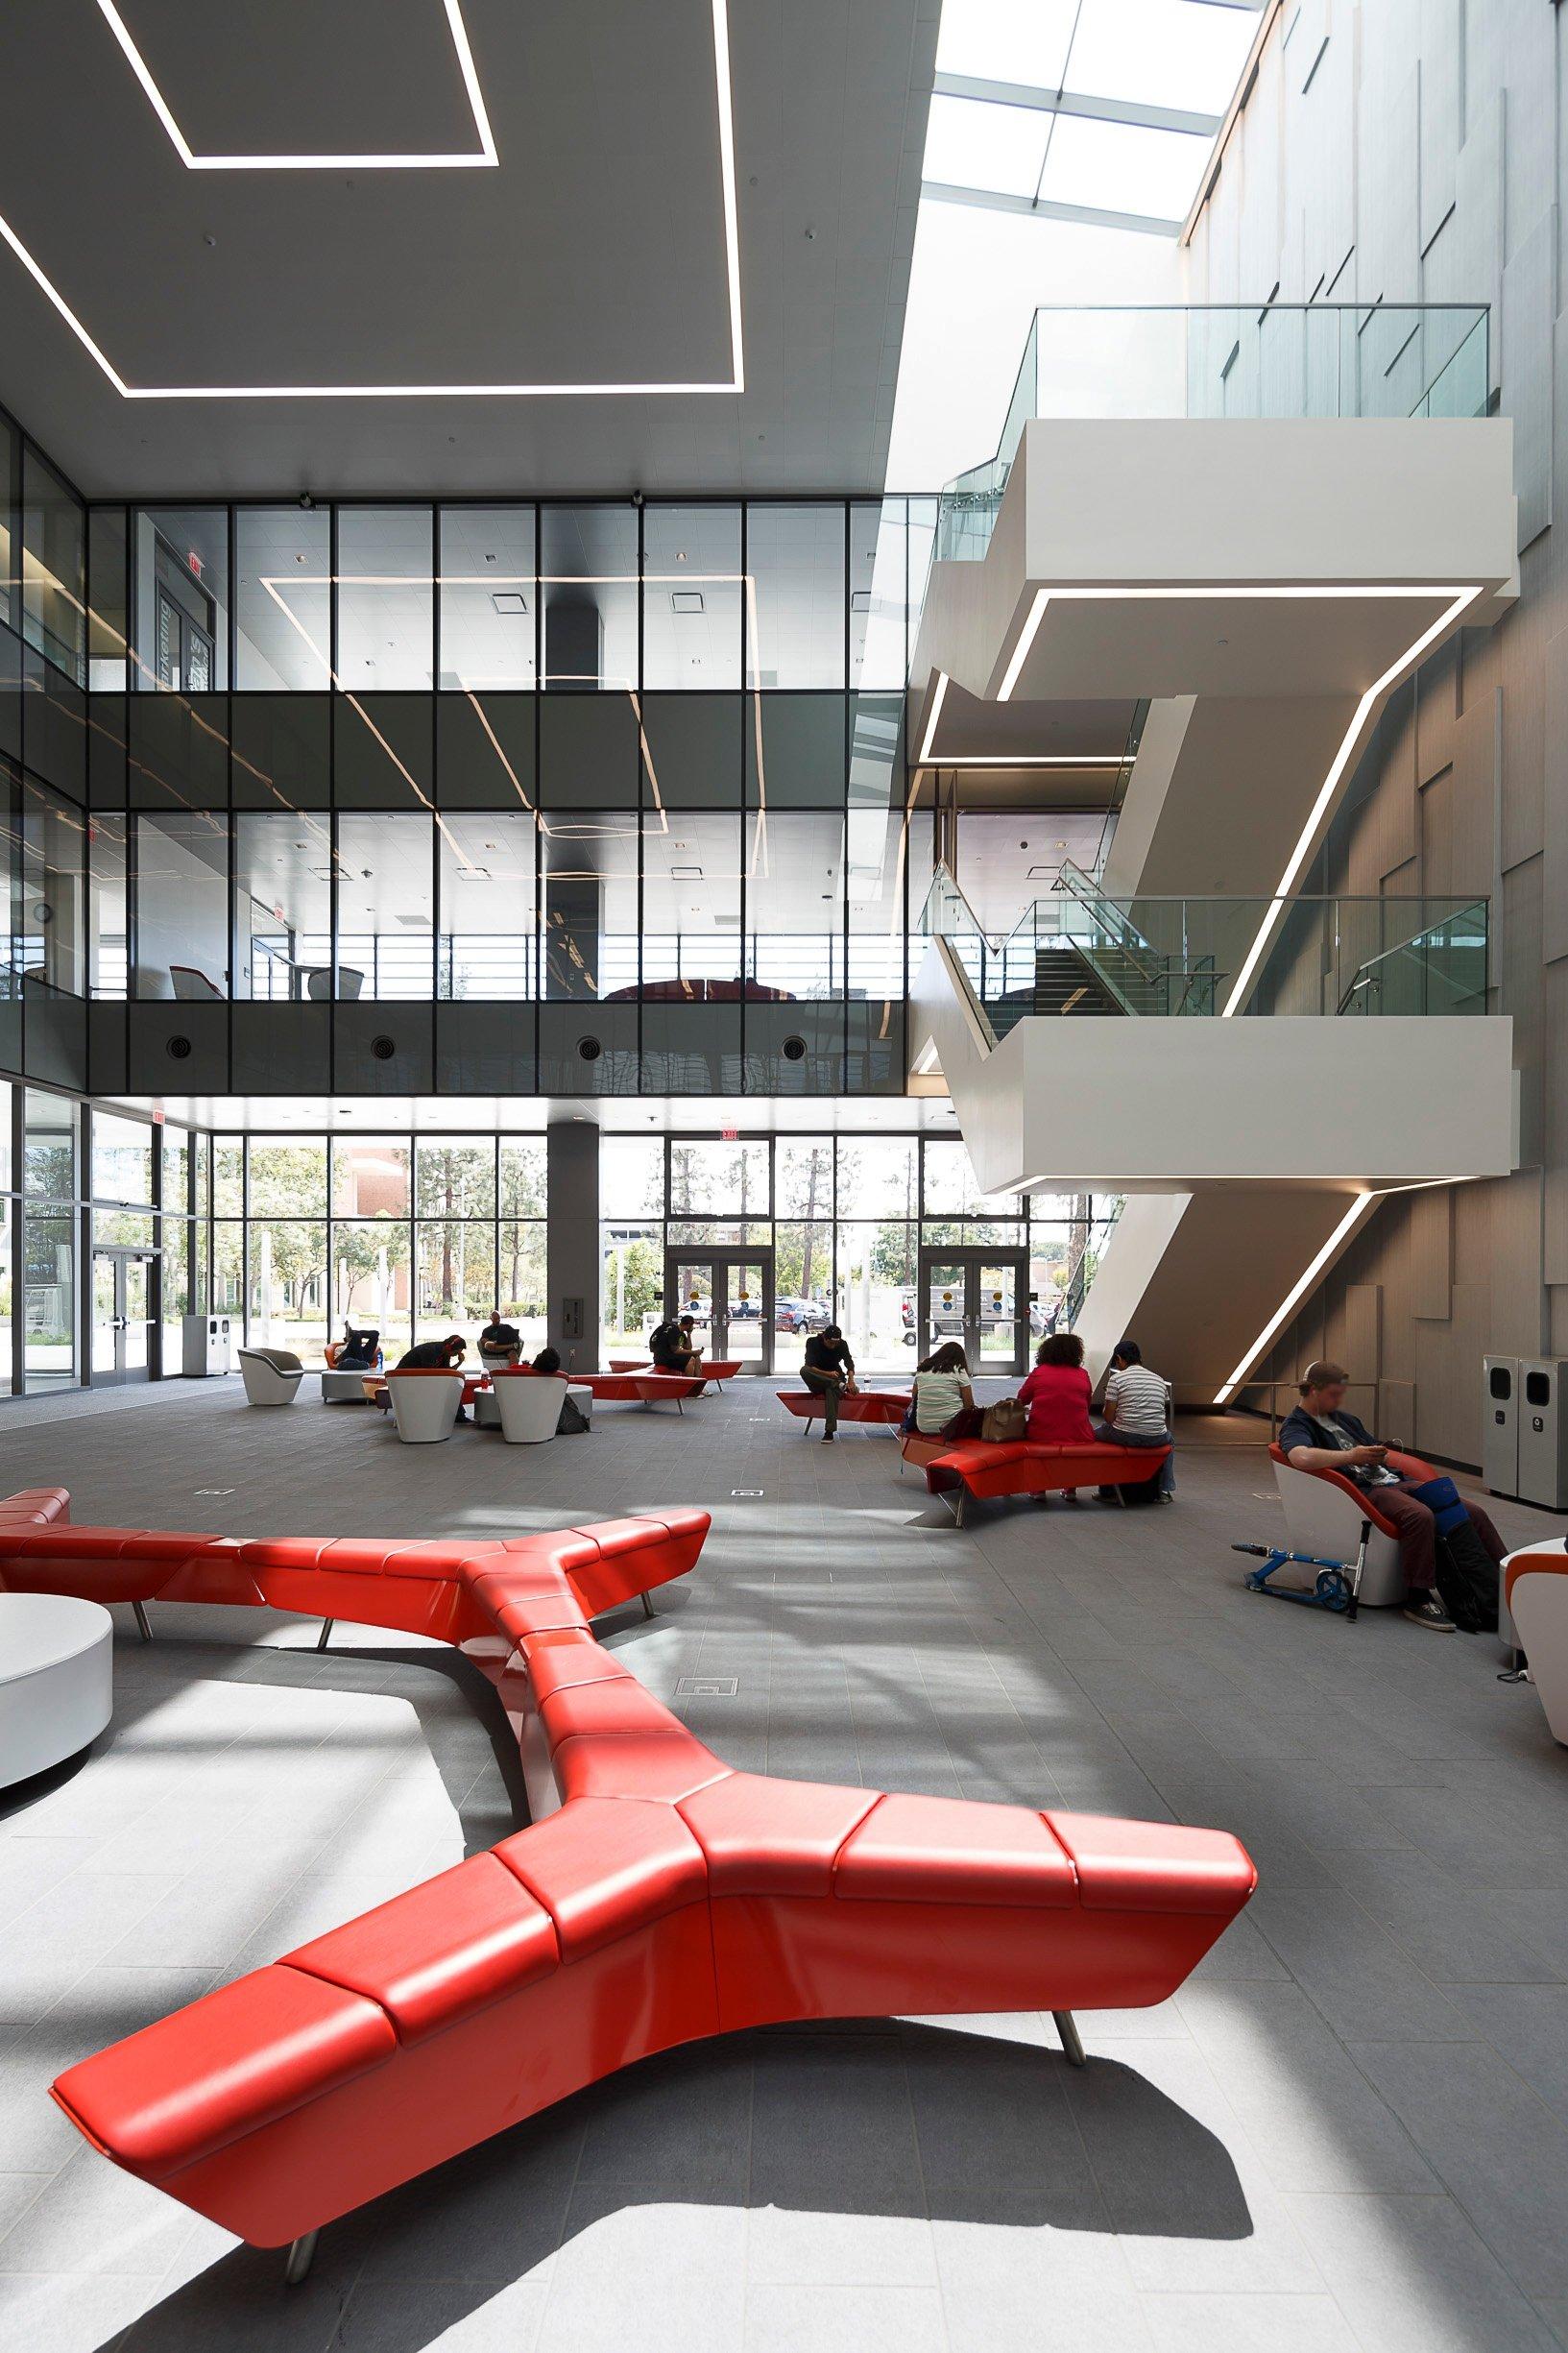 Tseng-College-Extended-University-Commons.jpg